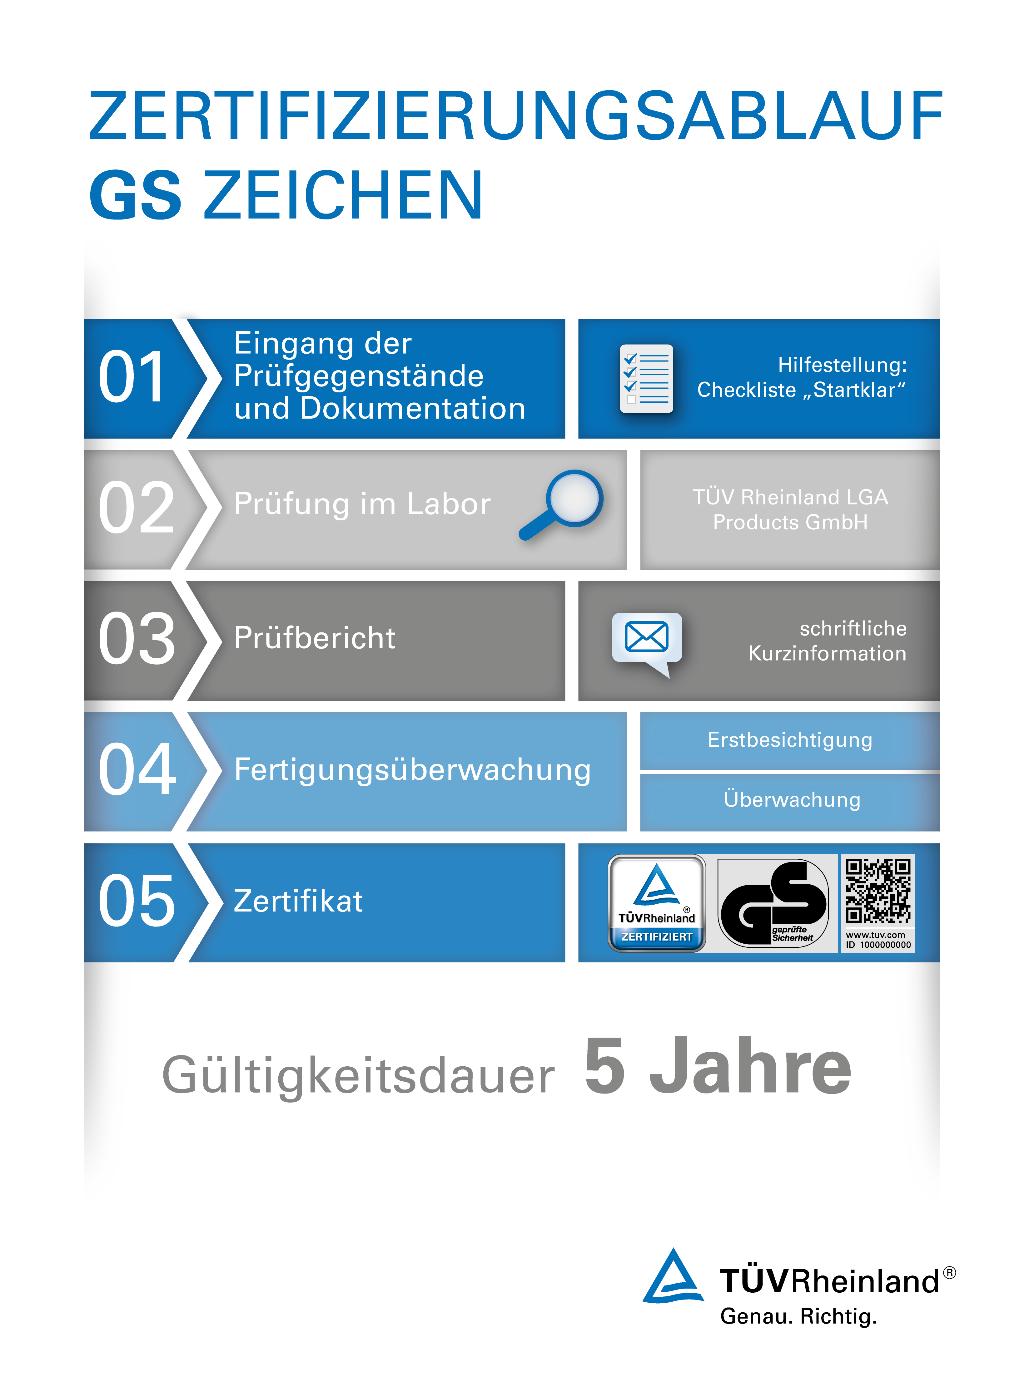 Der Zertifizierungsablauf Für Das GS Zeichen Bei TÜV Rheinland